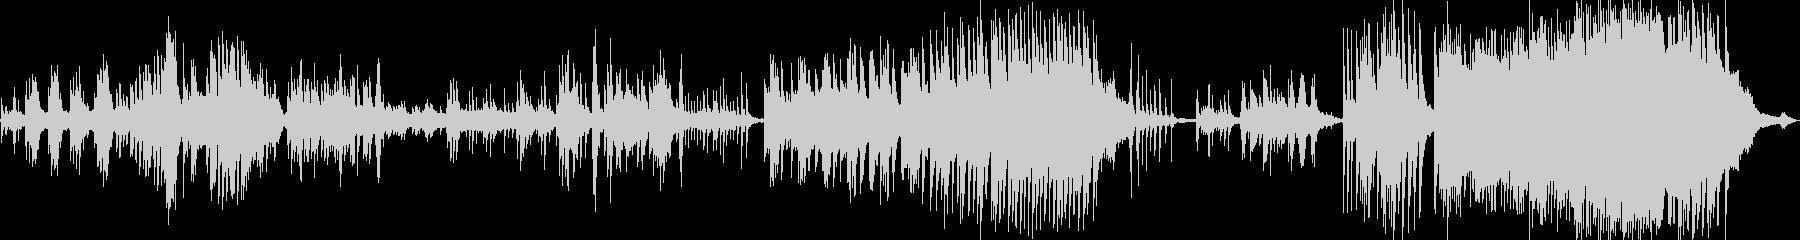 ゆったりとした雰囲気のピアノ曲の未再生の波形